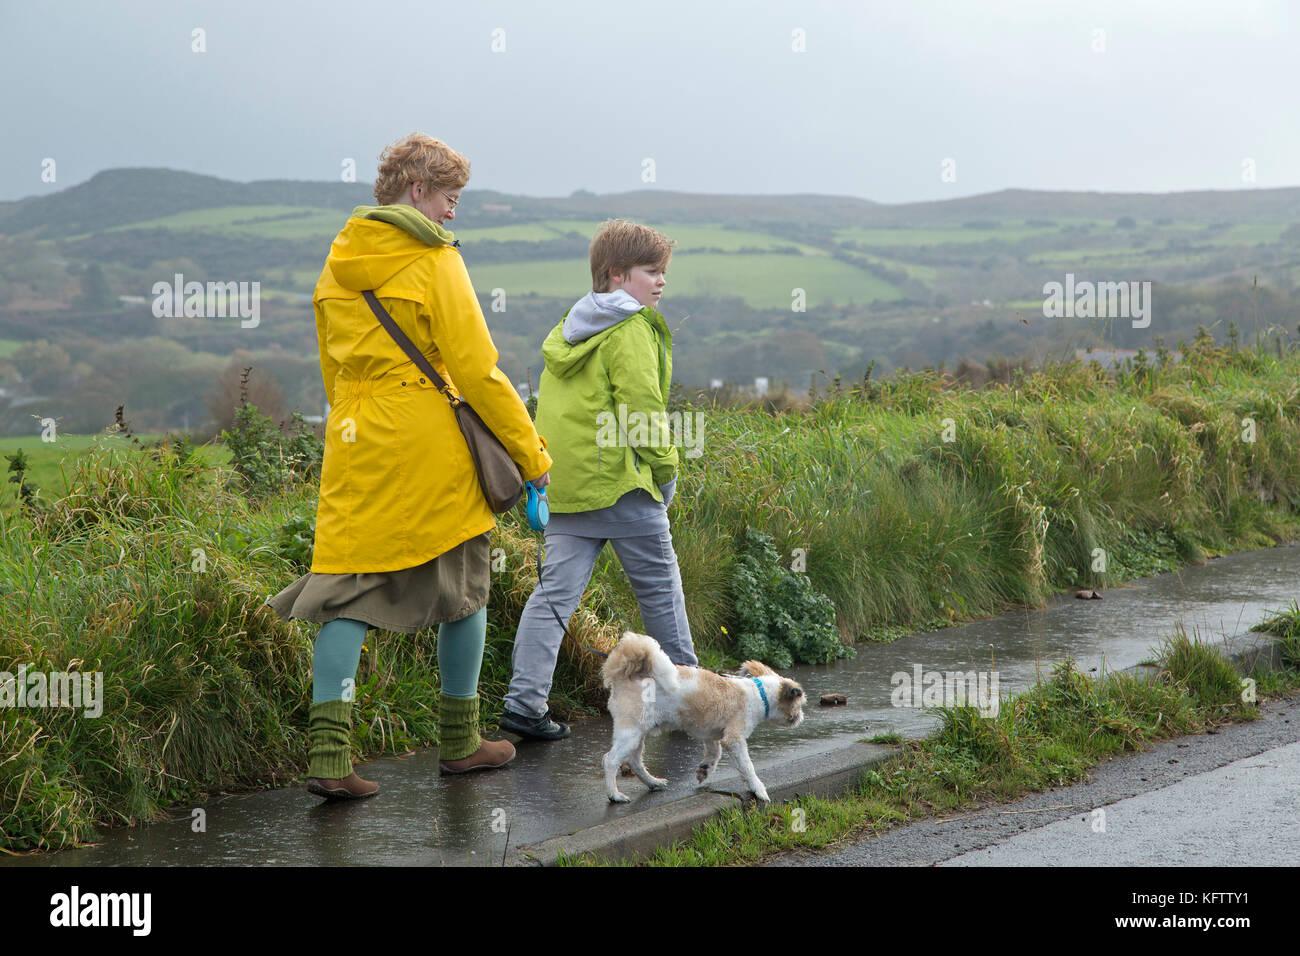 Familia paseando a un perro, Ballintoy, Co. de Antrim, Irlanda del Norte Imagen De Stock